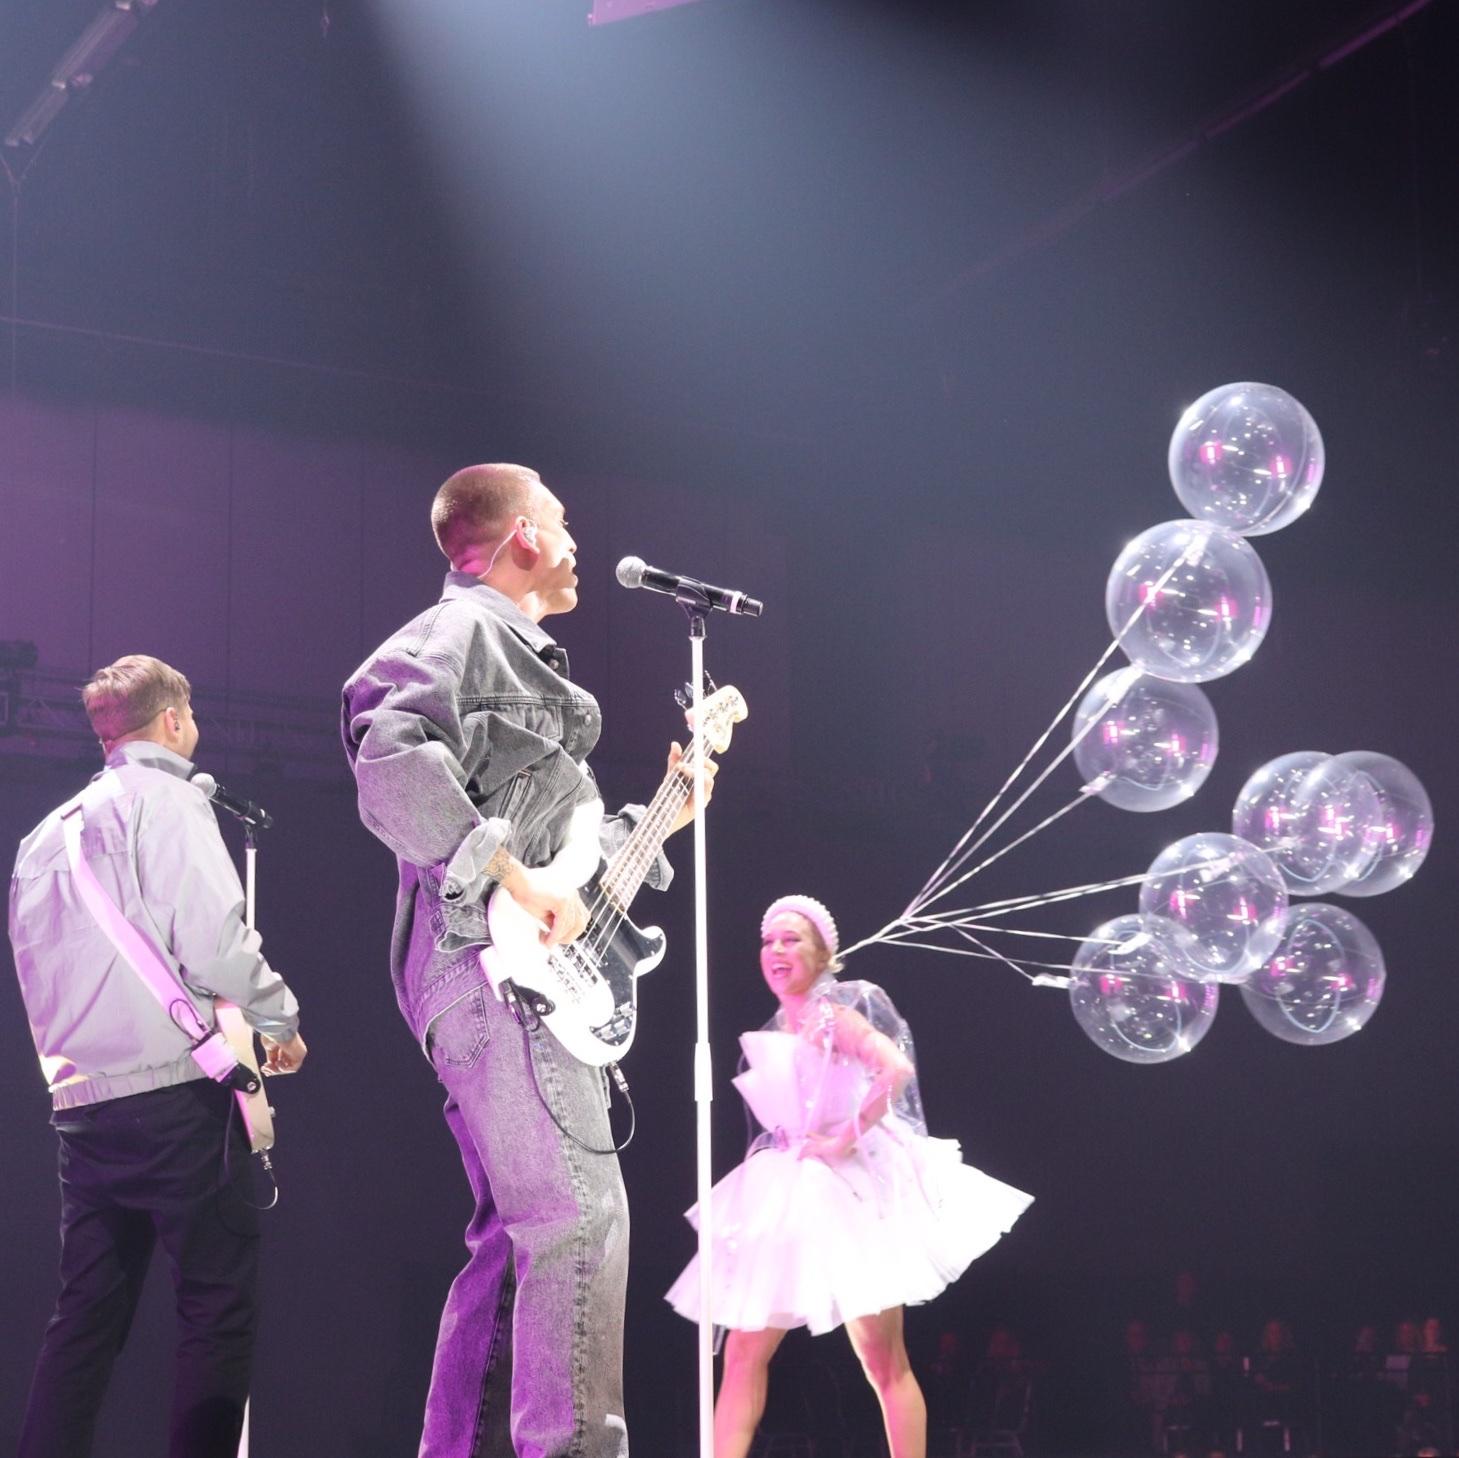 Danny Saucedo Show Göteborg Eventolution